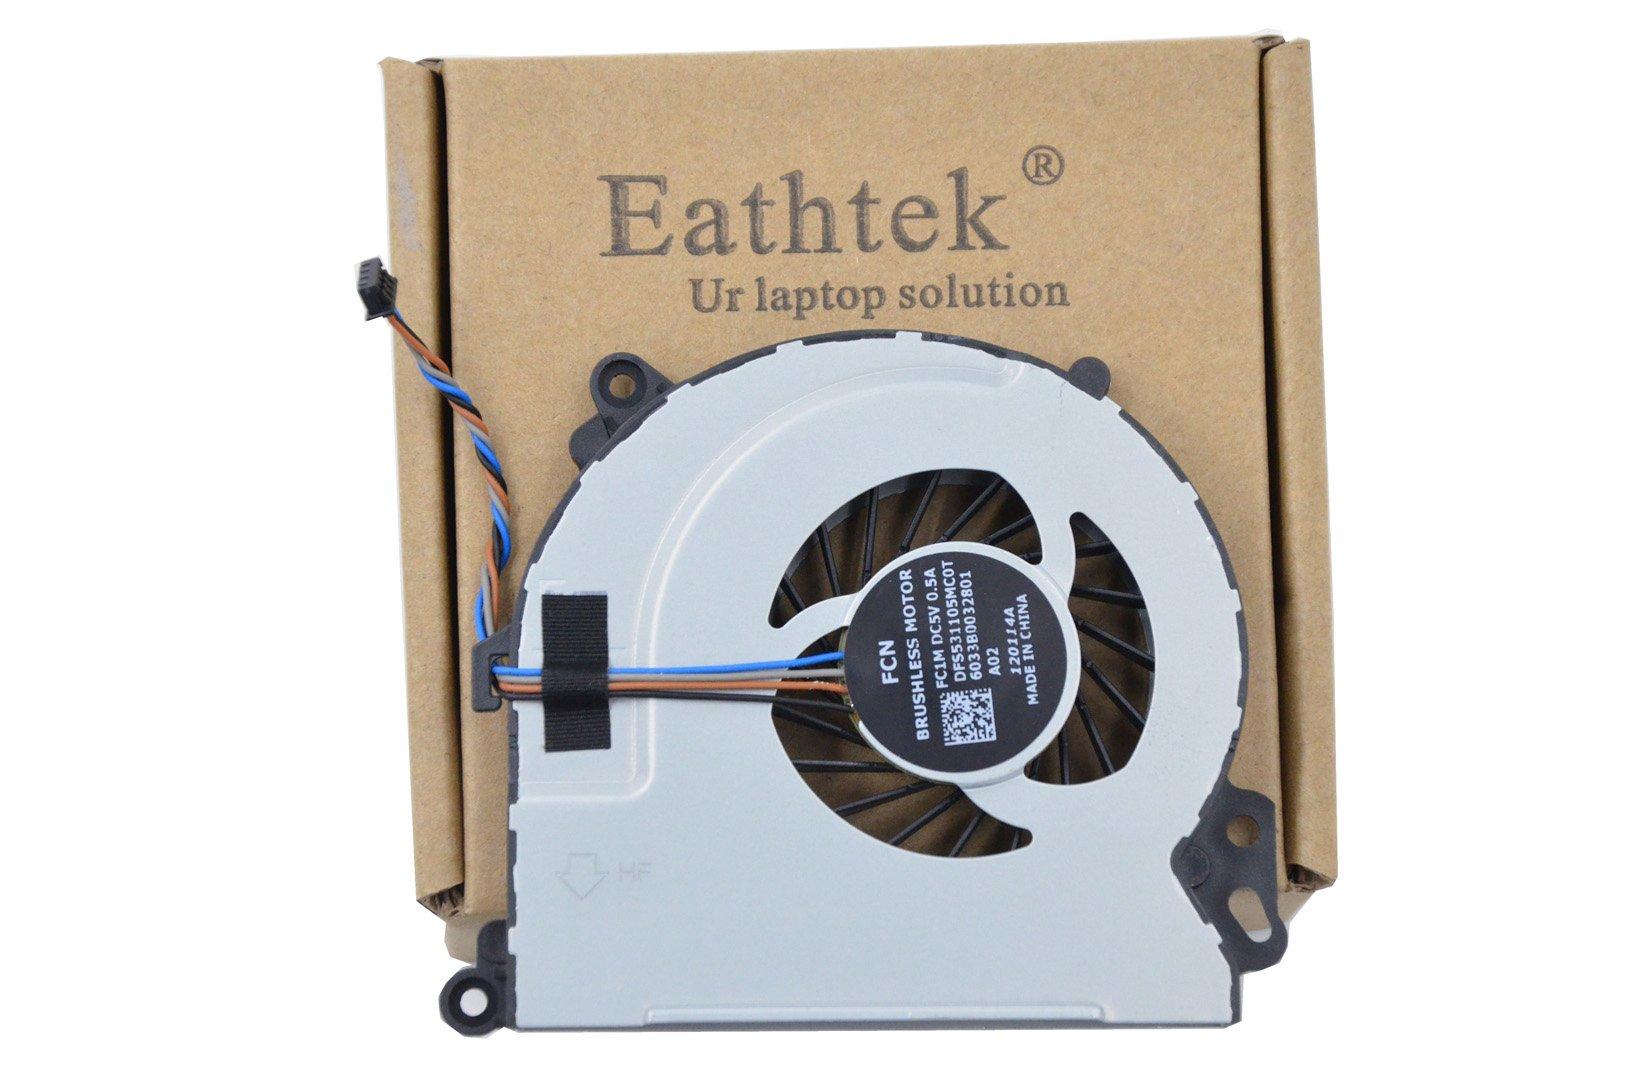 Cooler Para Hp Envy 15t 15 Touchsmart Envy 17 Series  Para Part Number 6033b0032801 720235-001 720539-001